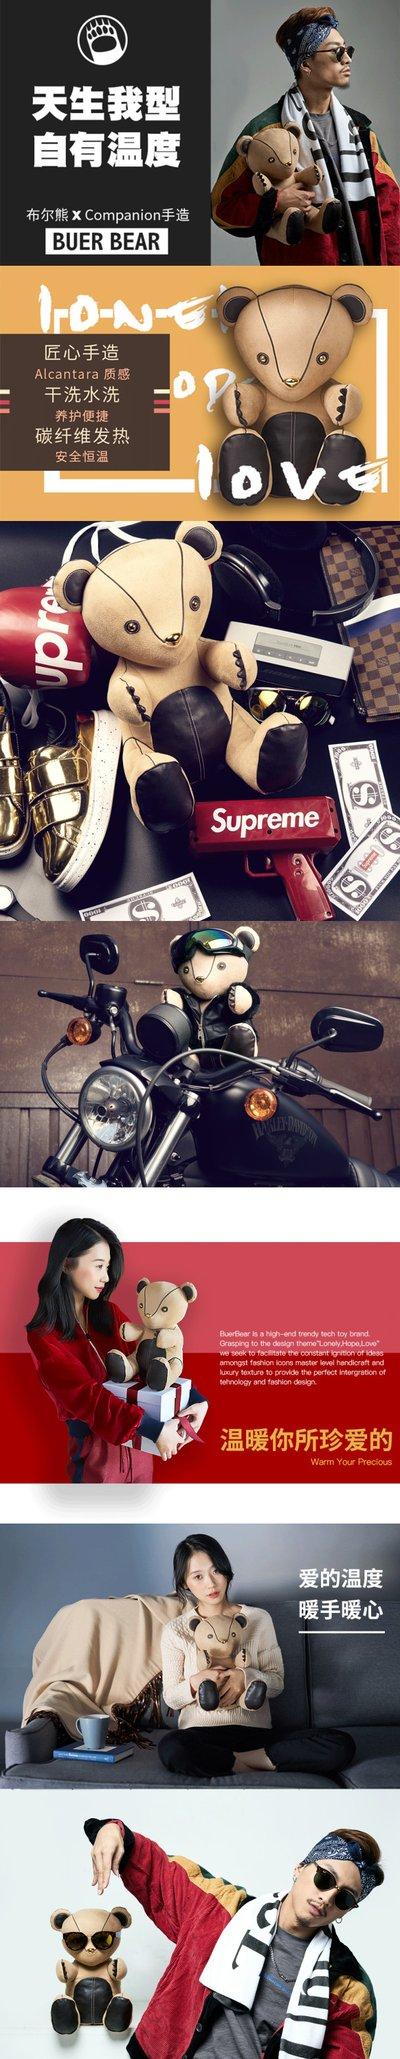 """科技潮牌BuerBear布尔熊Companion""""陪伴""""系列首发,温暖今冬"""